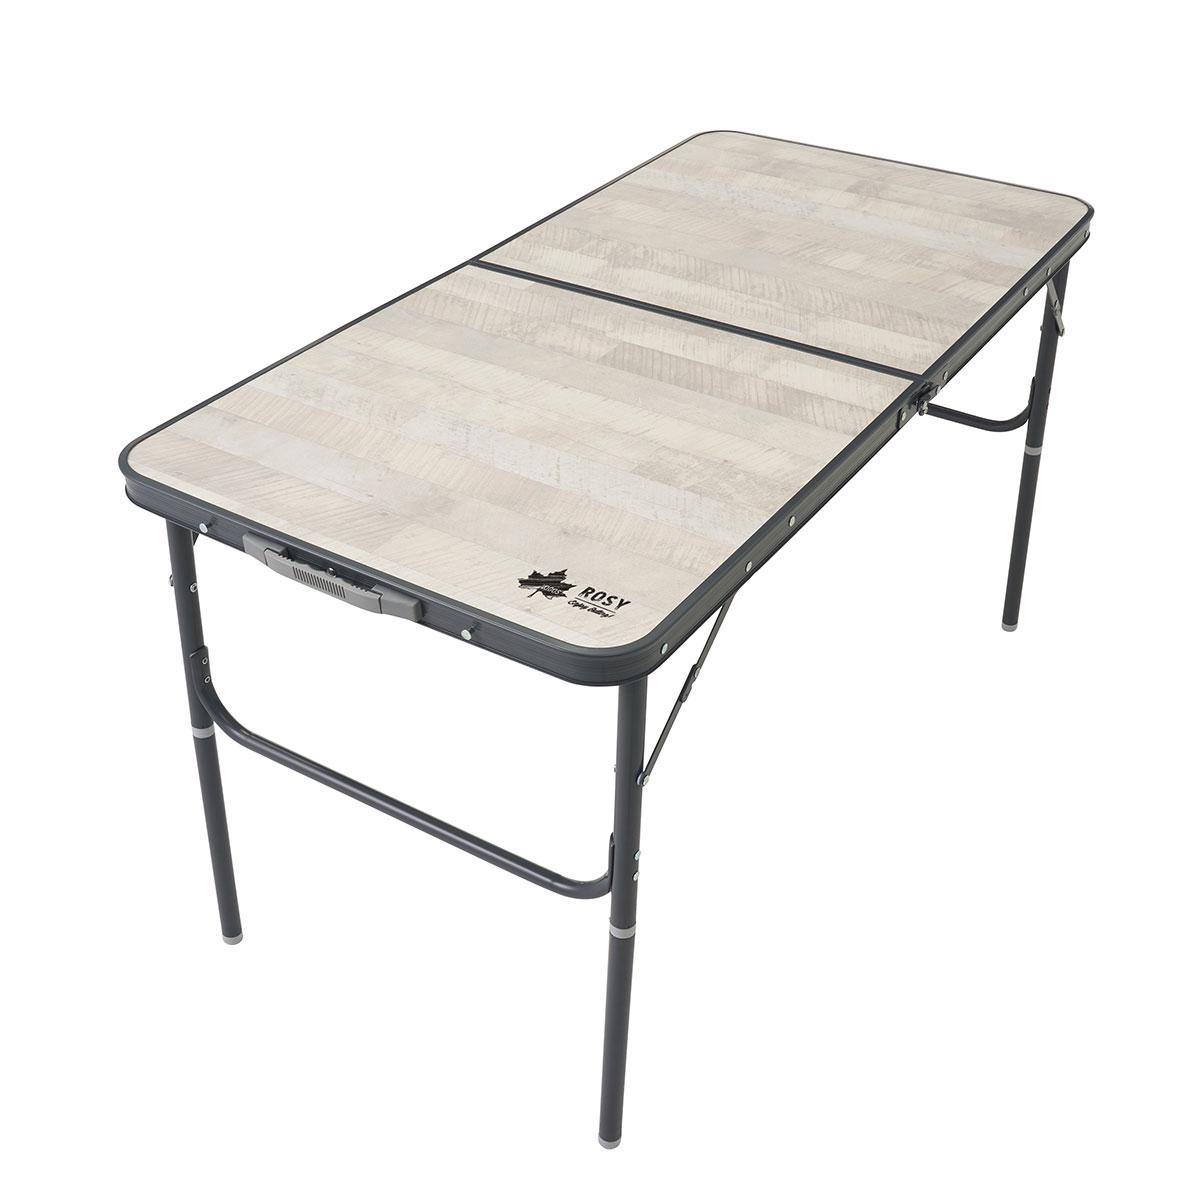 ROSY ファミリーテーブル 12060